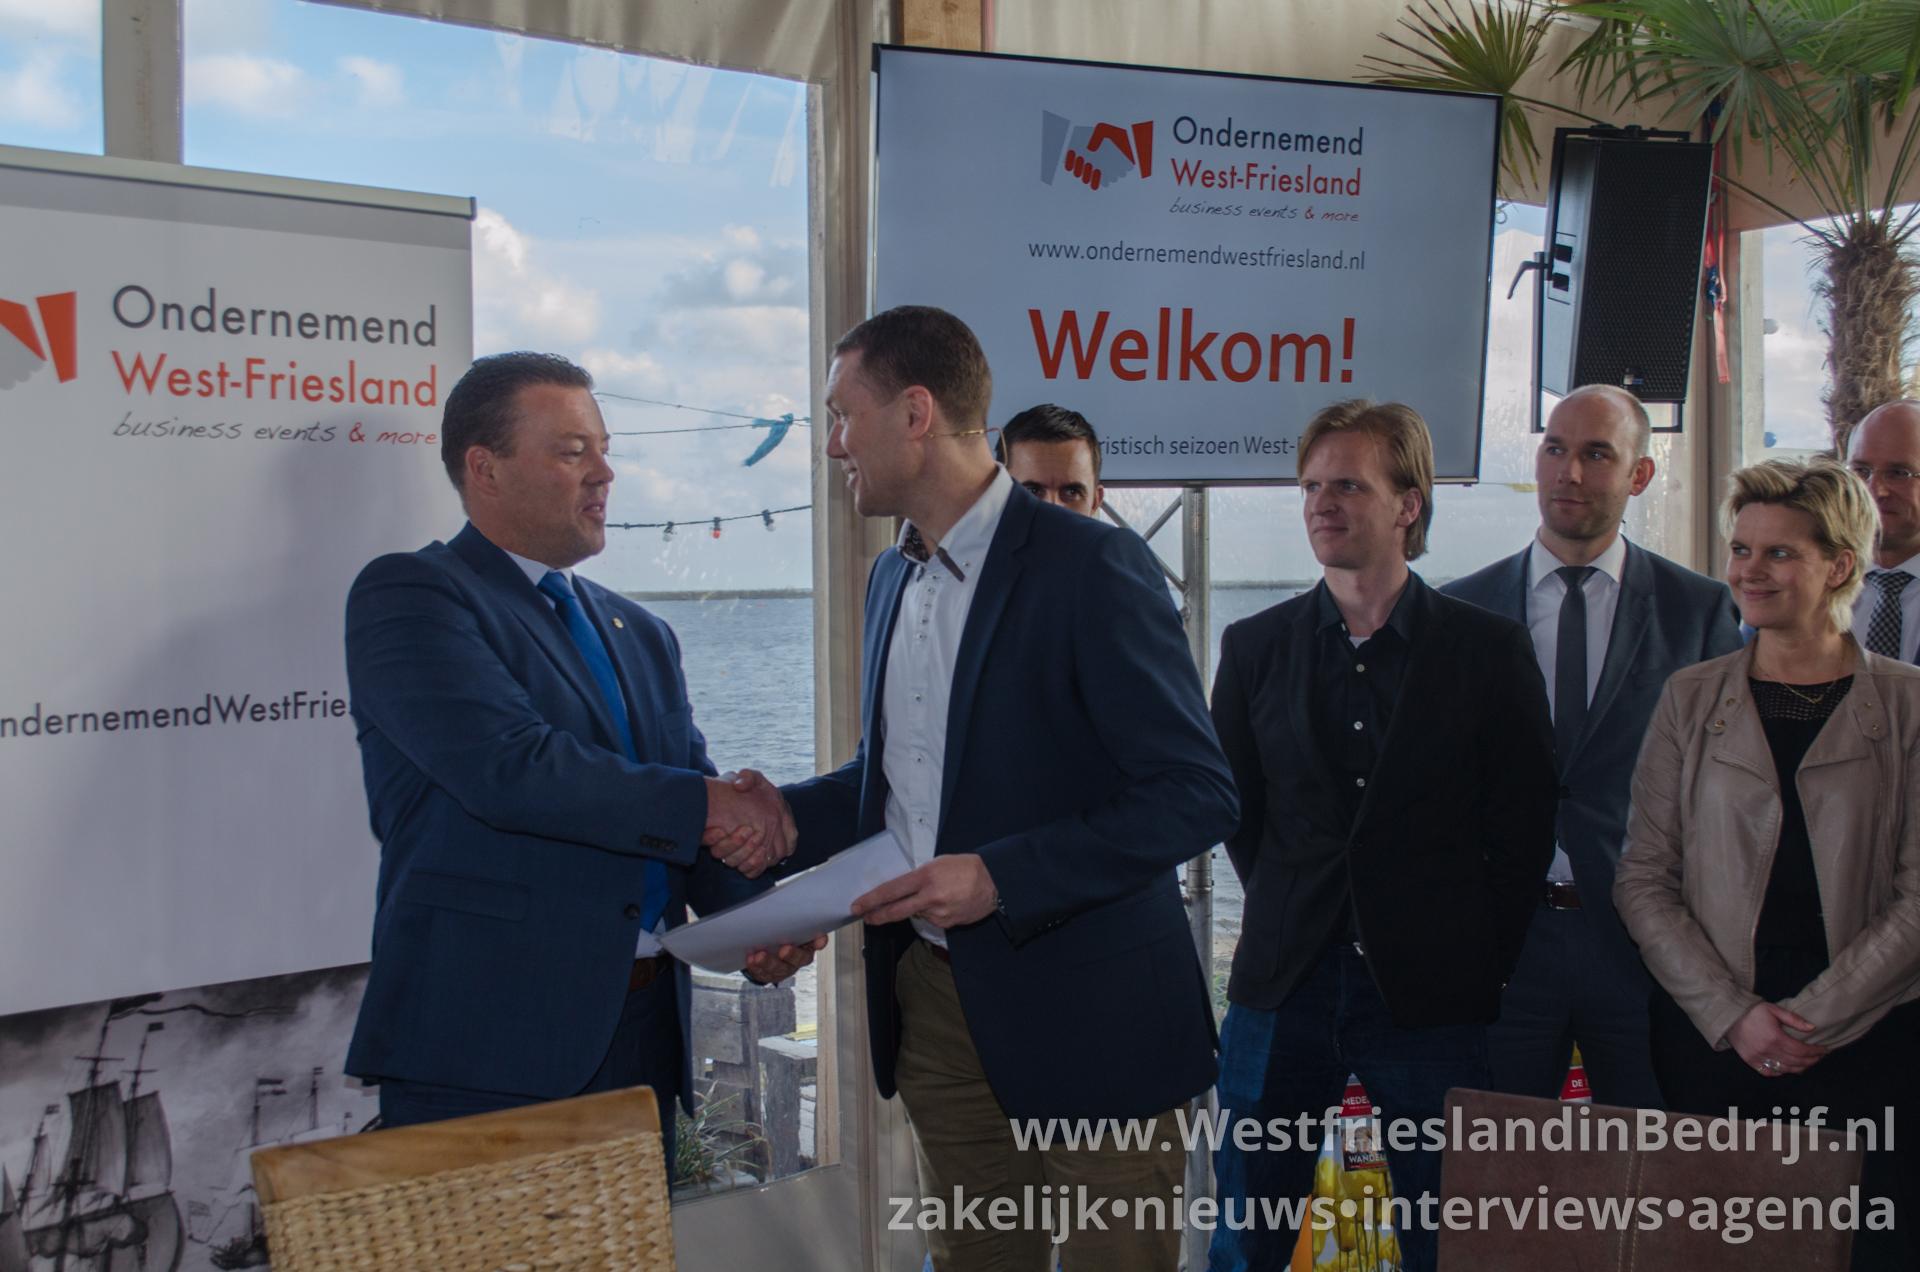 Toeristisch West-Friesland verbonden in nieuw convenant